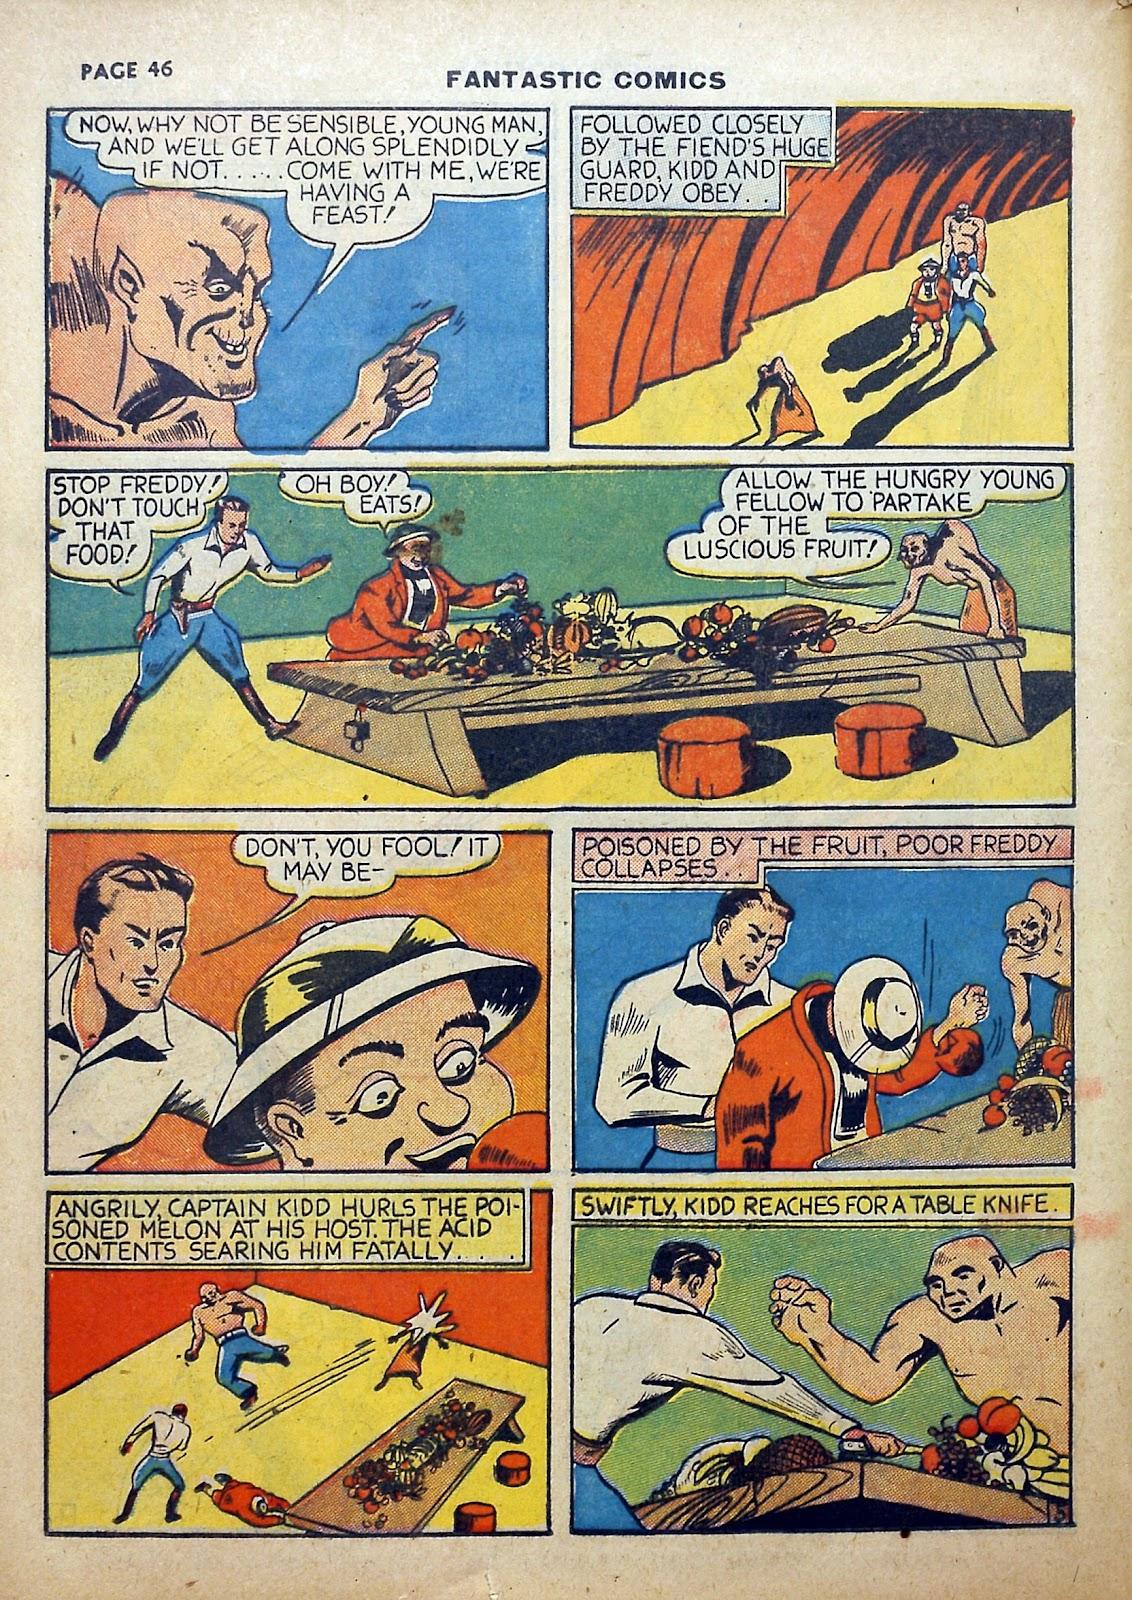 Read online Fantastic Comics comic -  Issue #5 - 47